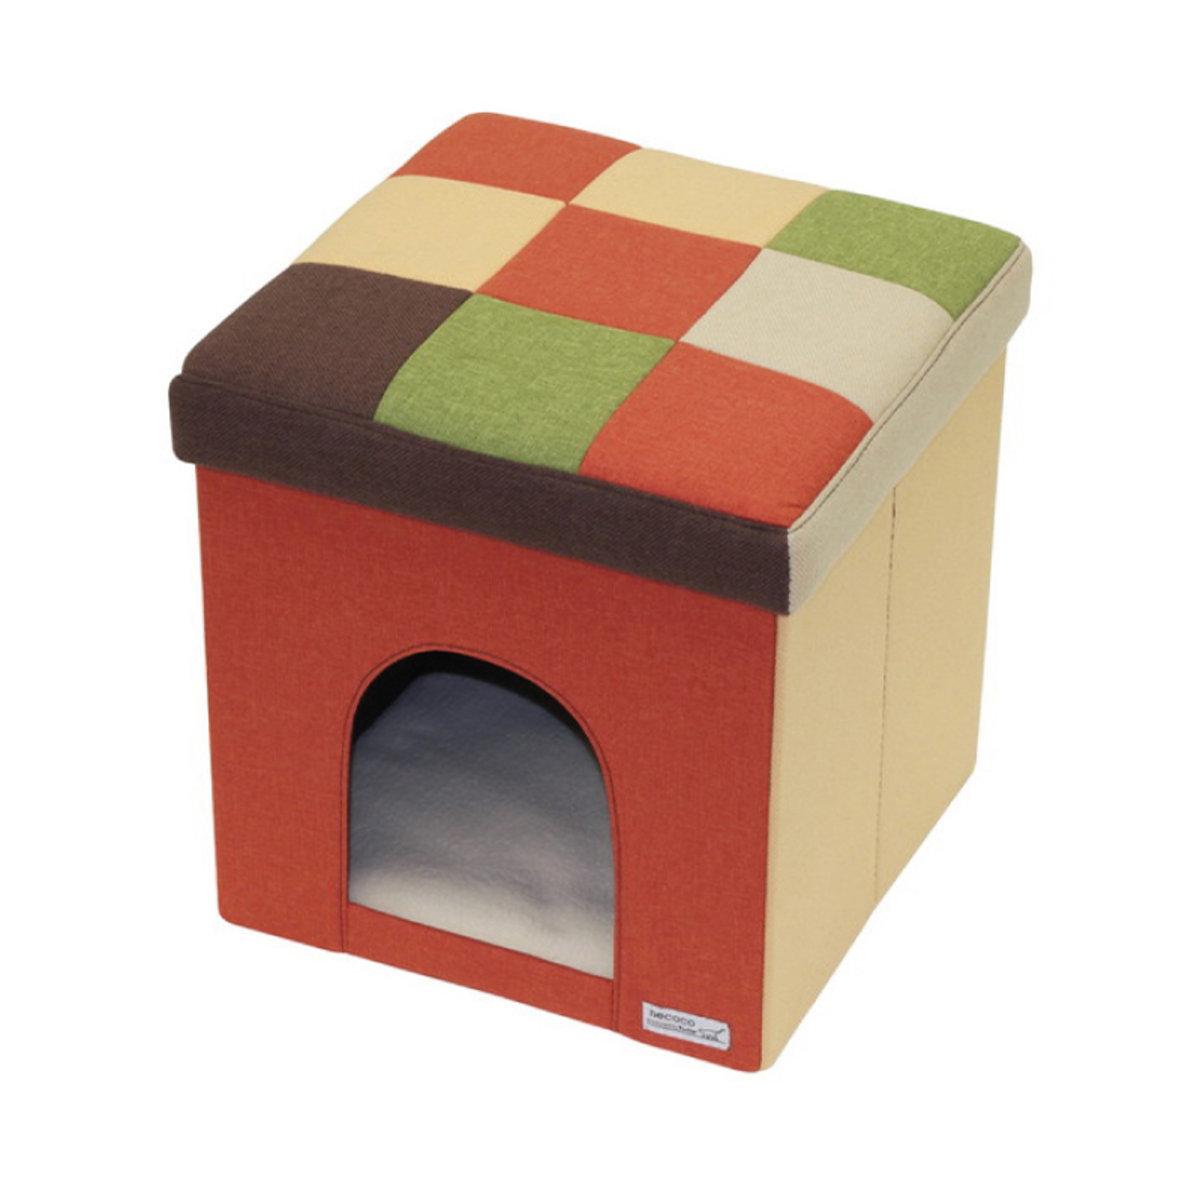 necoco House & Stool Orange Mosaic Regular #F106(W25494)